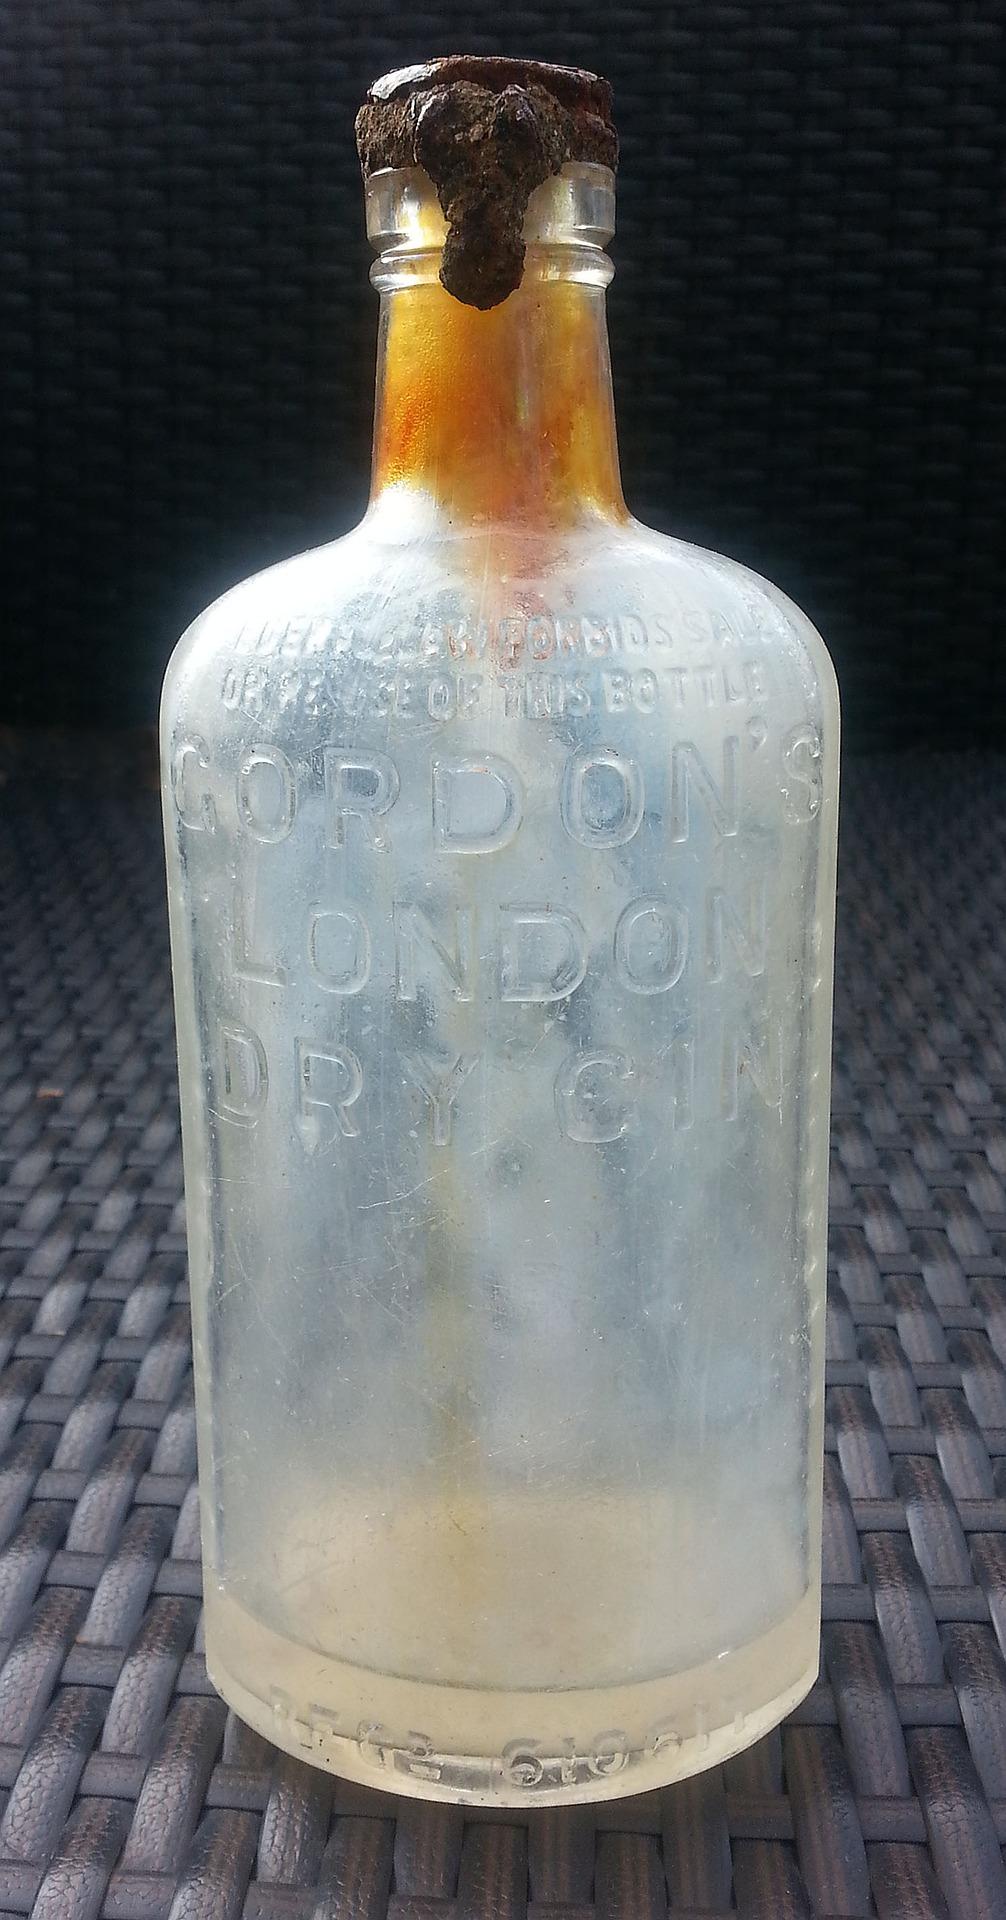 London Dry Gin 28 bottiglie da acquistare e gustare